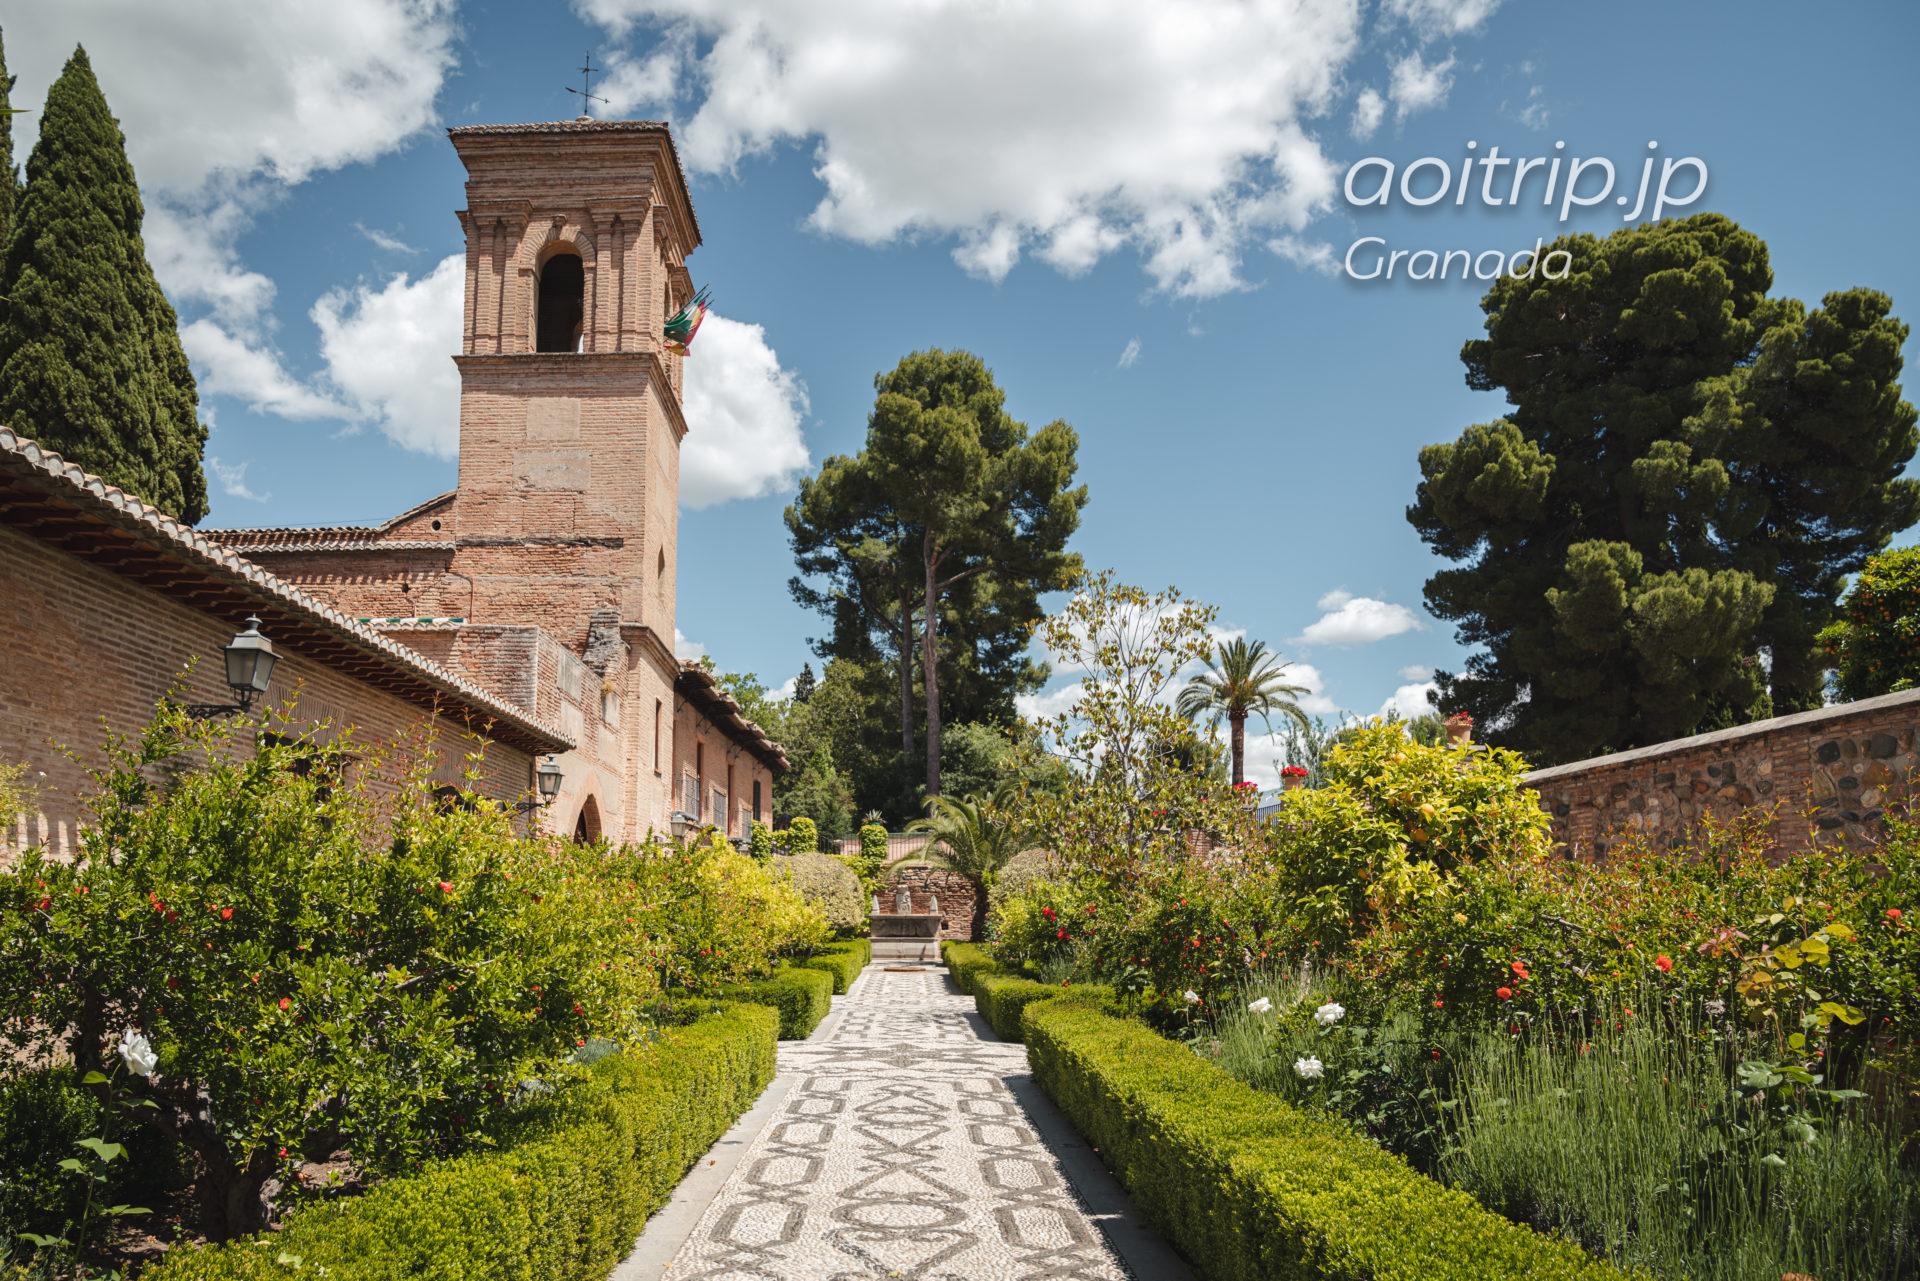 パラドール デ グラナダ Parador de Granada